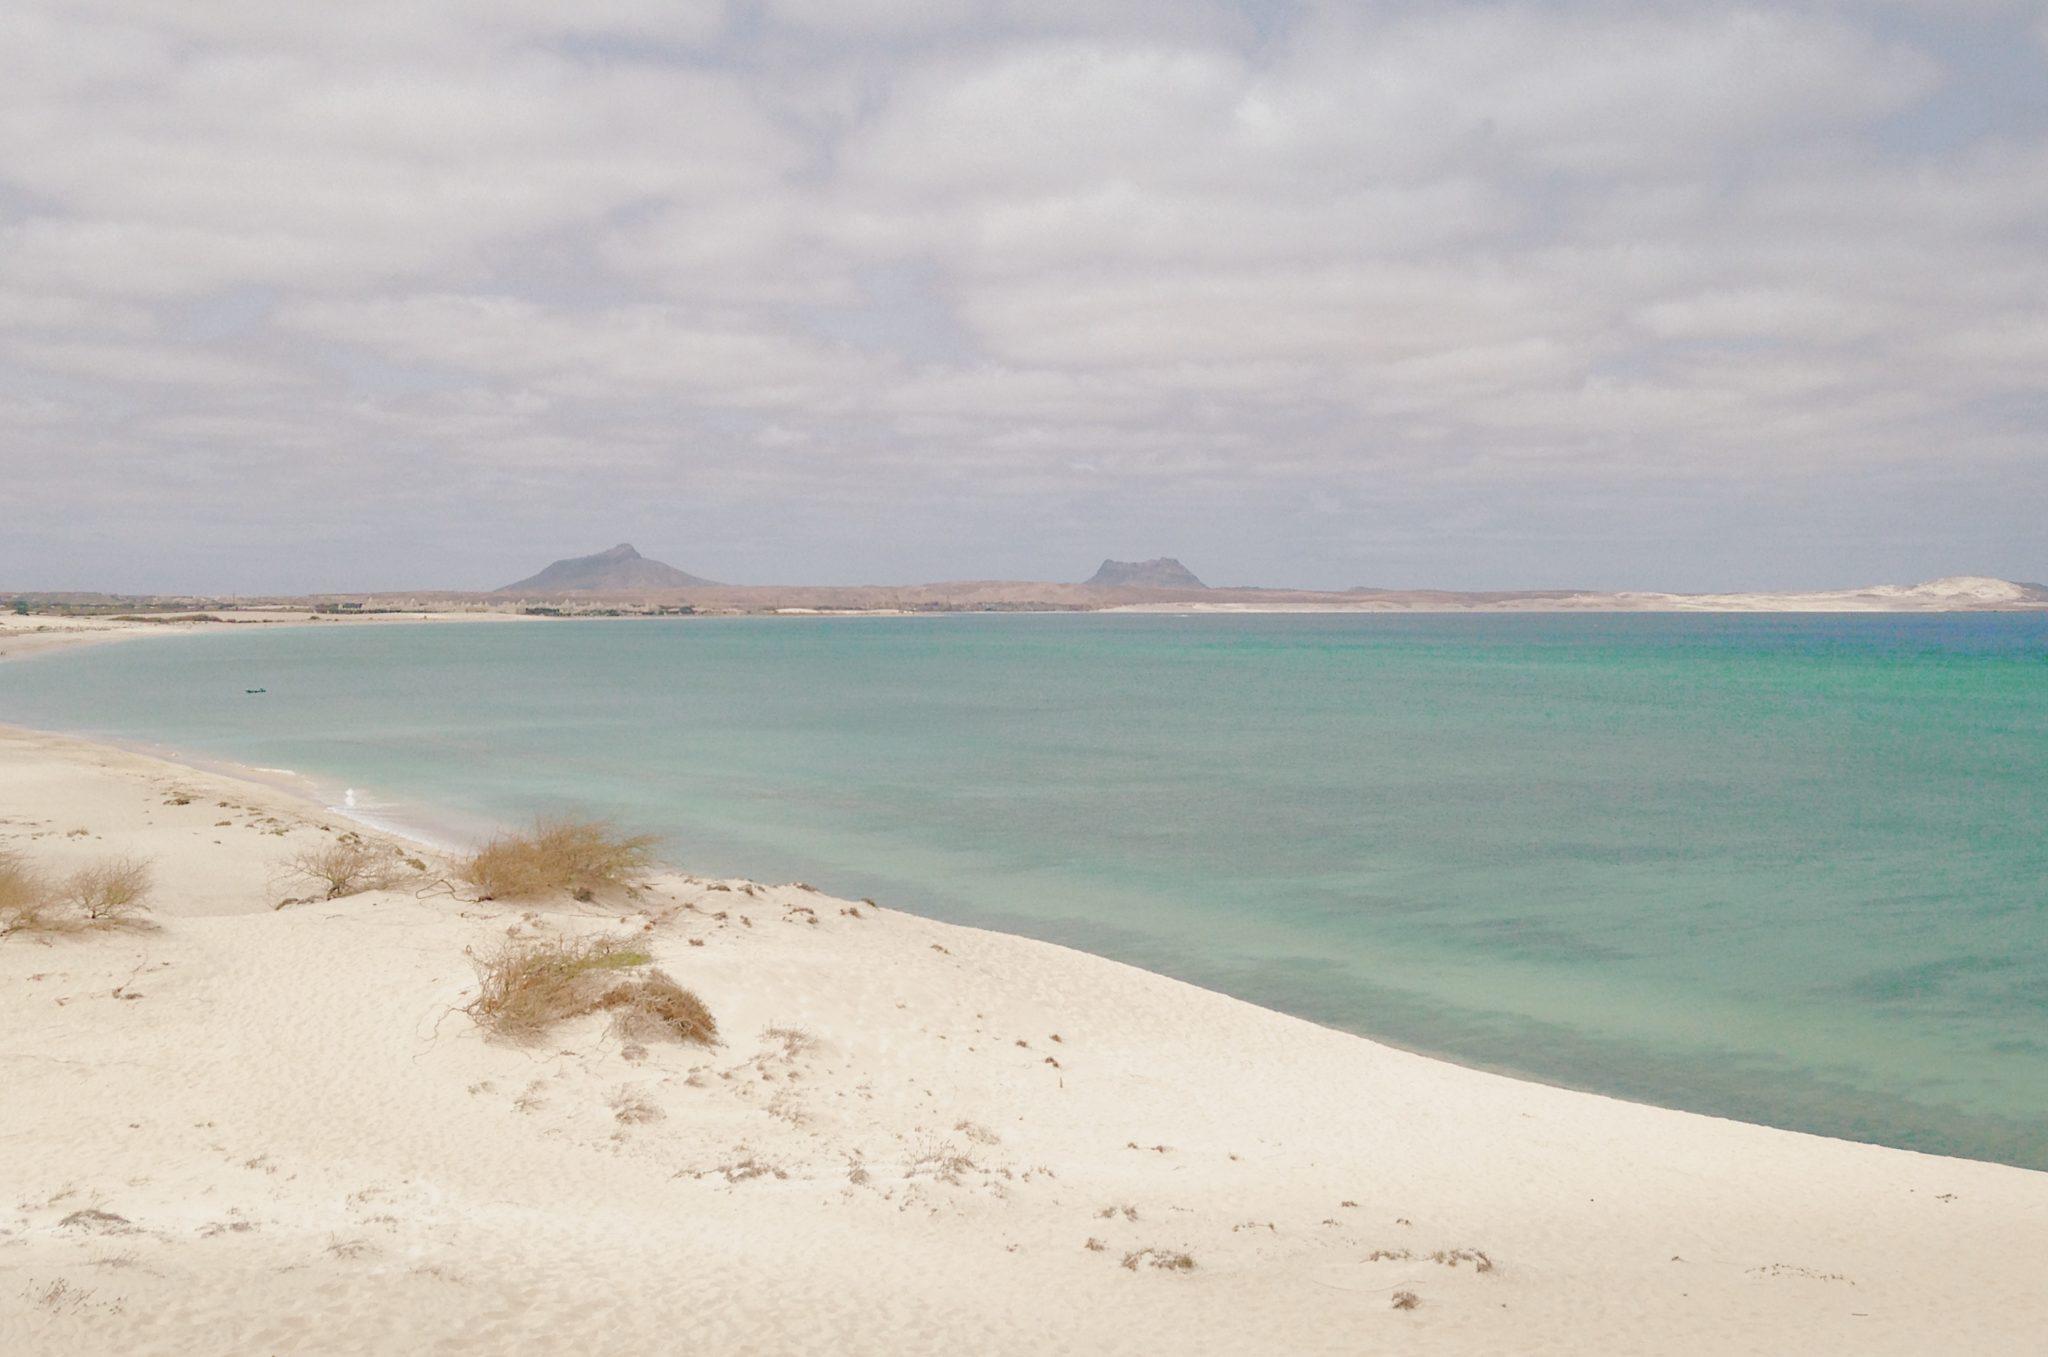 Des tons turquoises se mêlent aux dunes de sable blanc